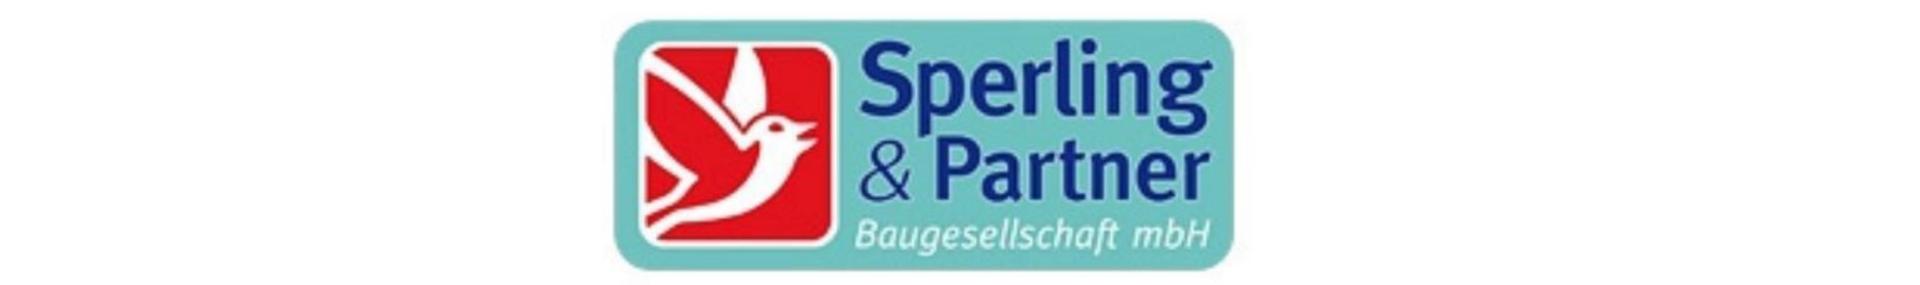 Sperling & Partner